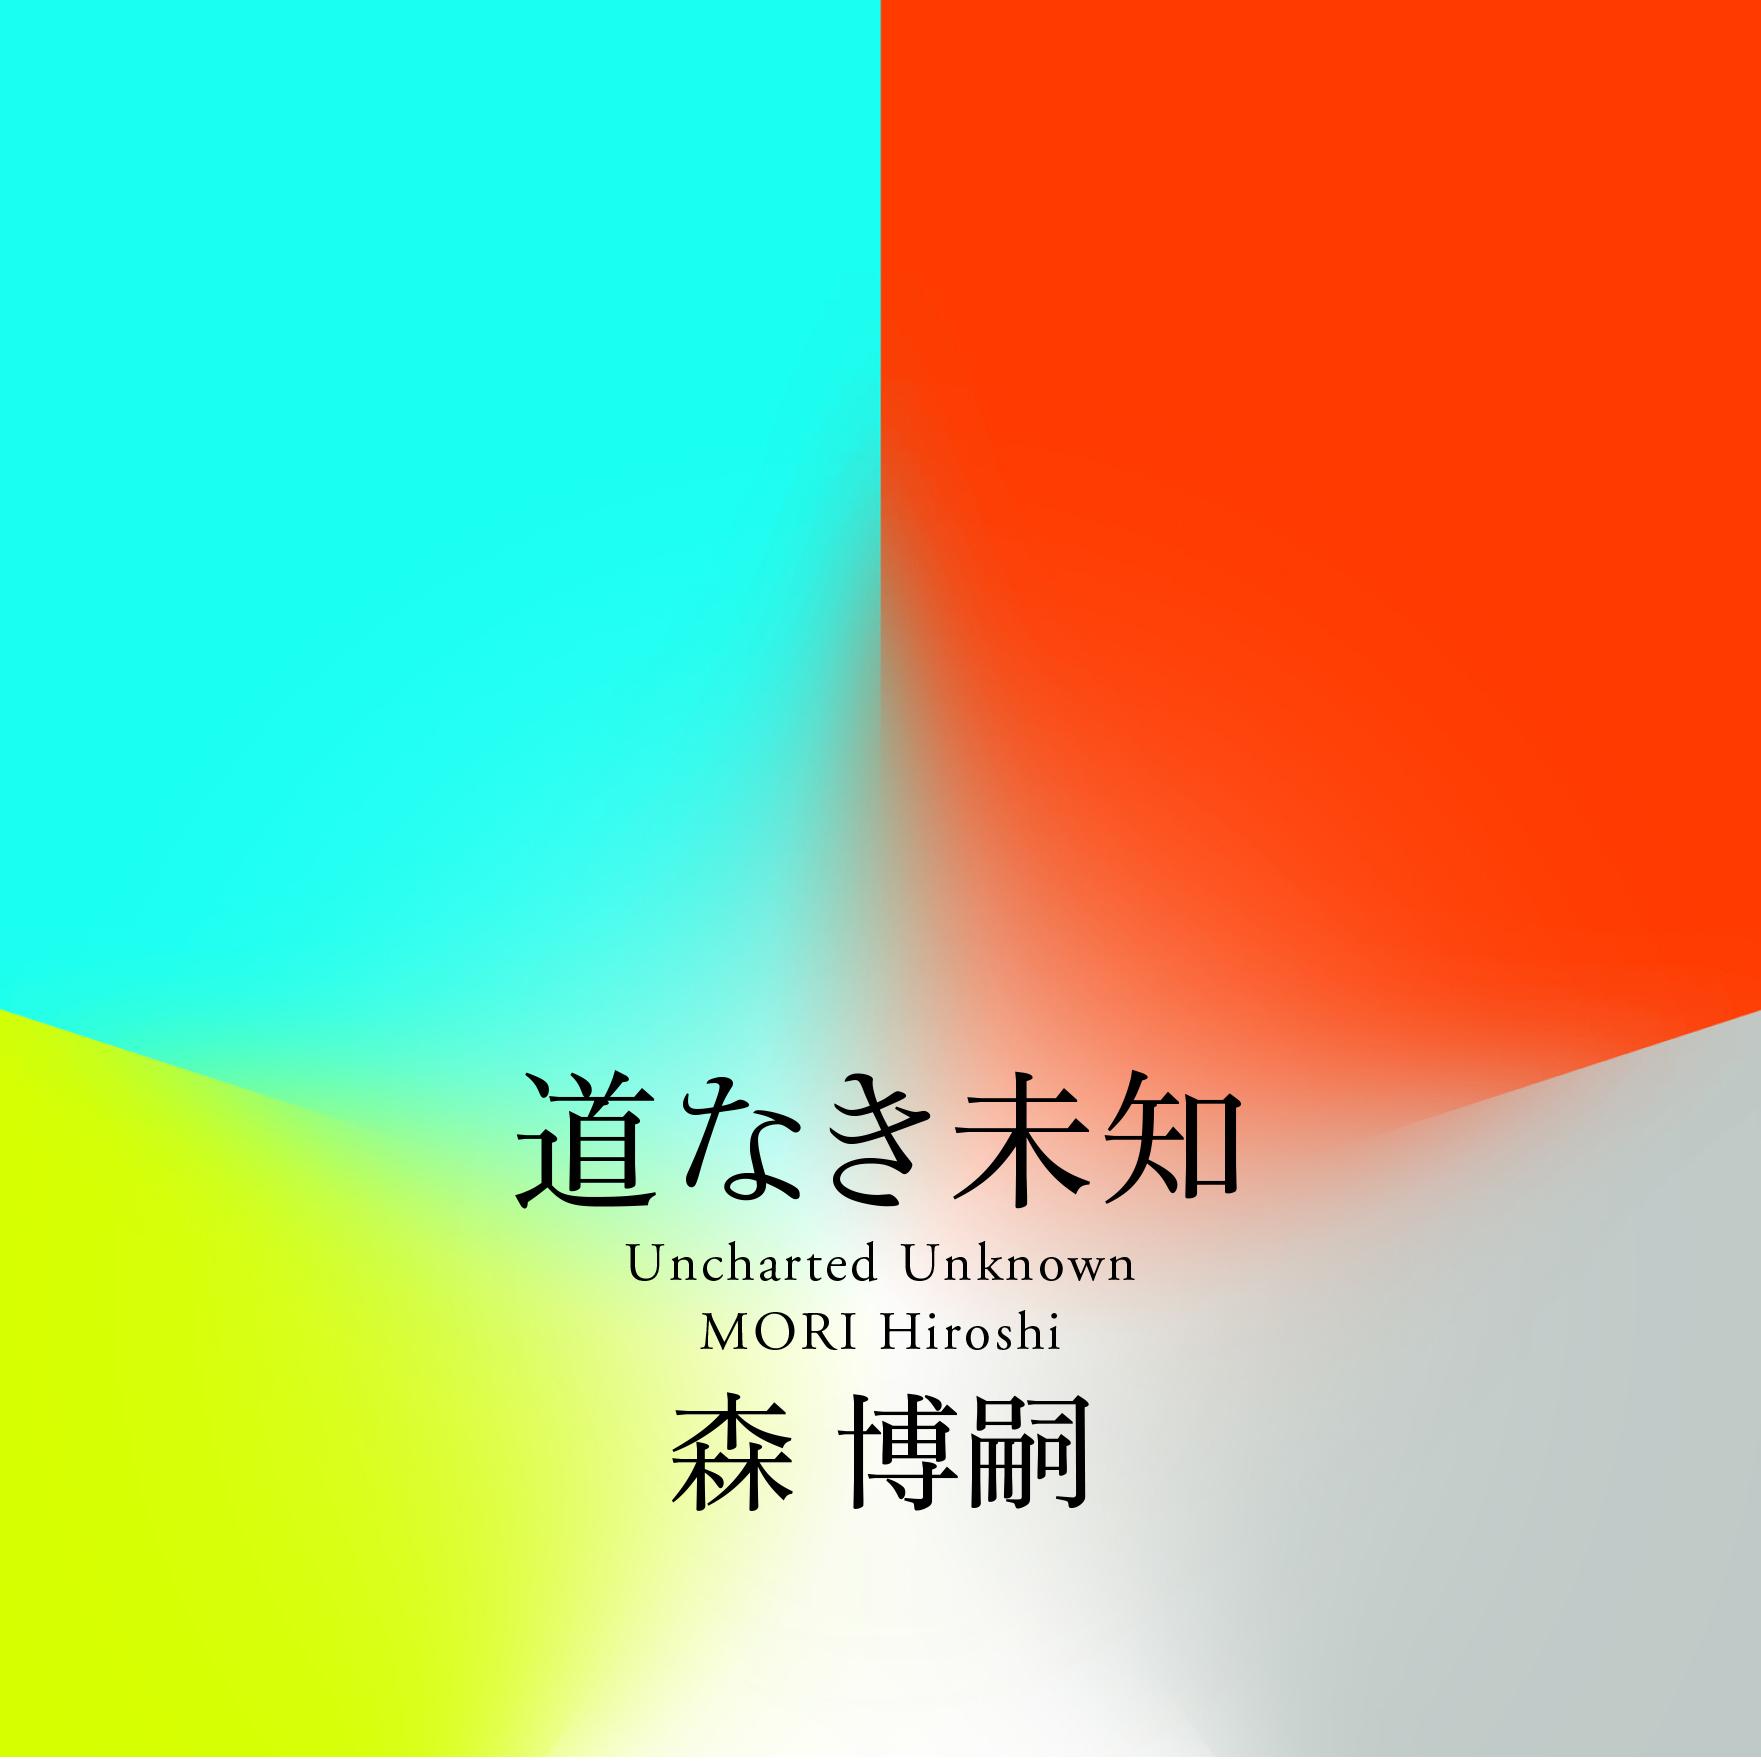 作家・森博嗣と天才ホームランバッターの共通点